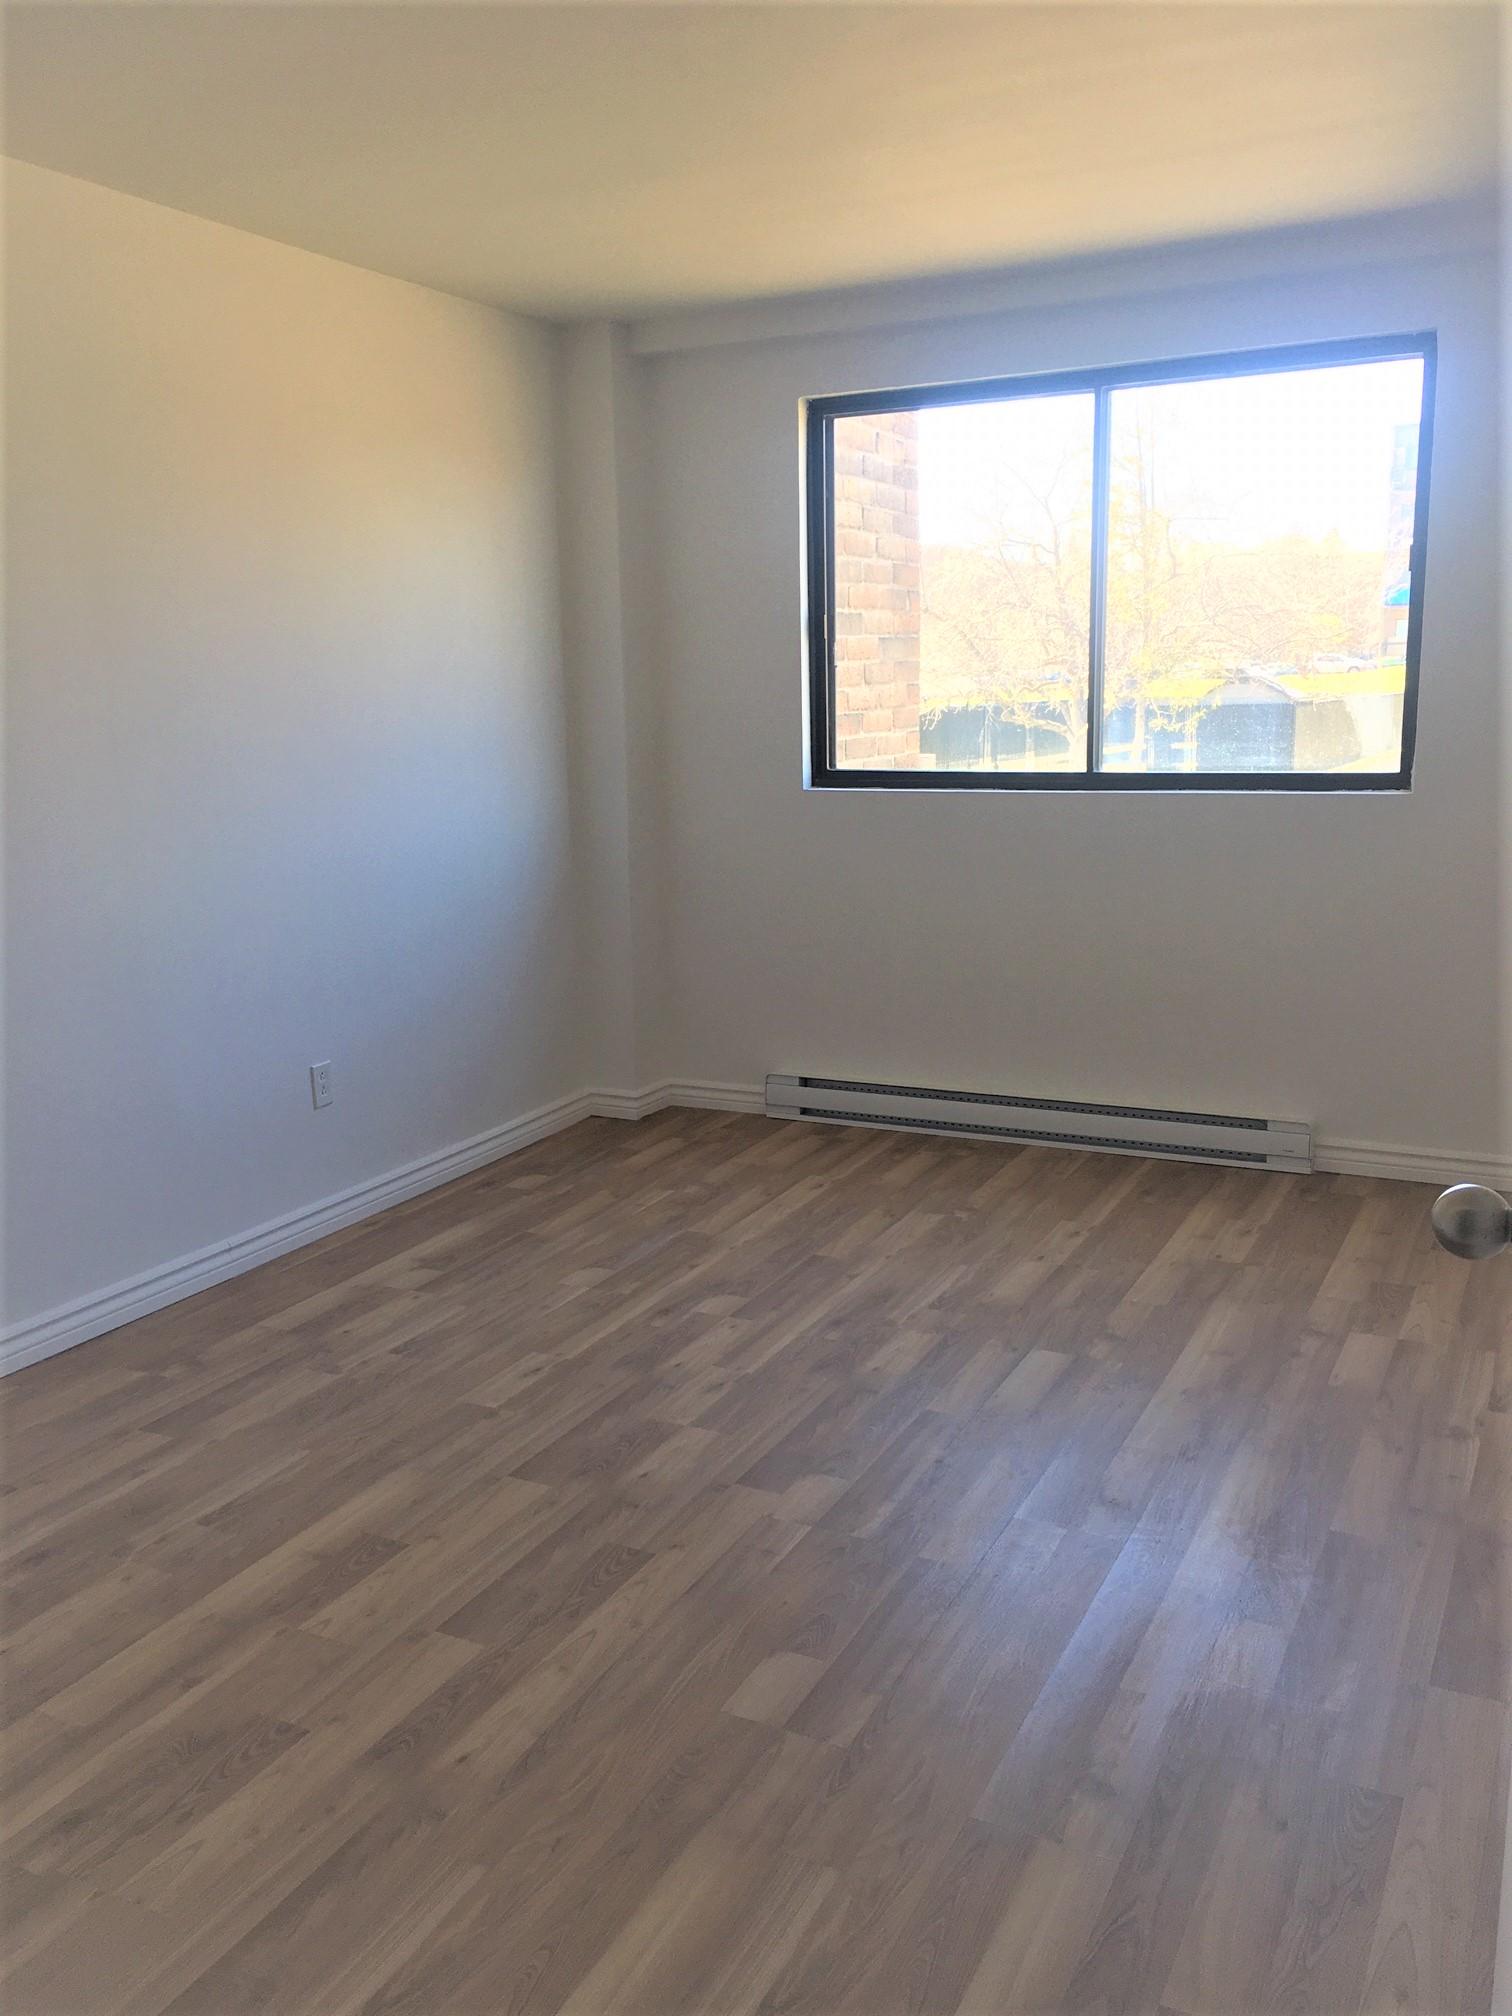 1 bedroom Apartments for rent in Pointe-aux-Trembles at Habitations de la Rousseliere - Photo 05 - RentQuebecApartments – L1921